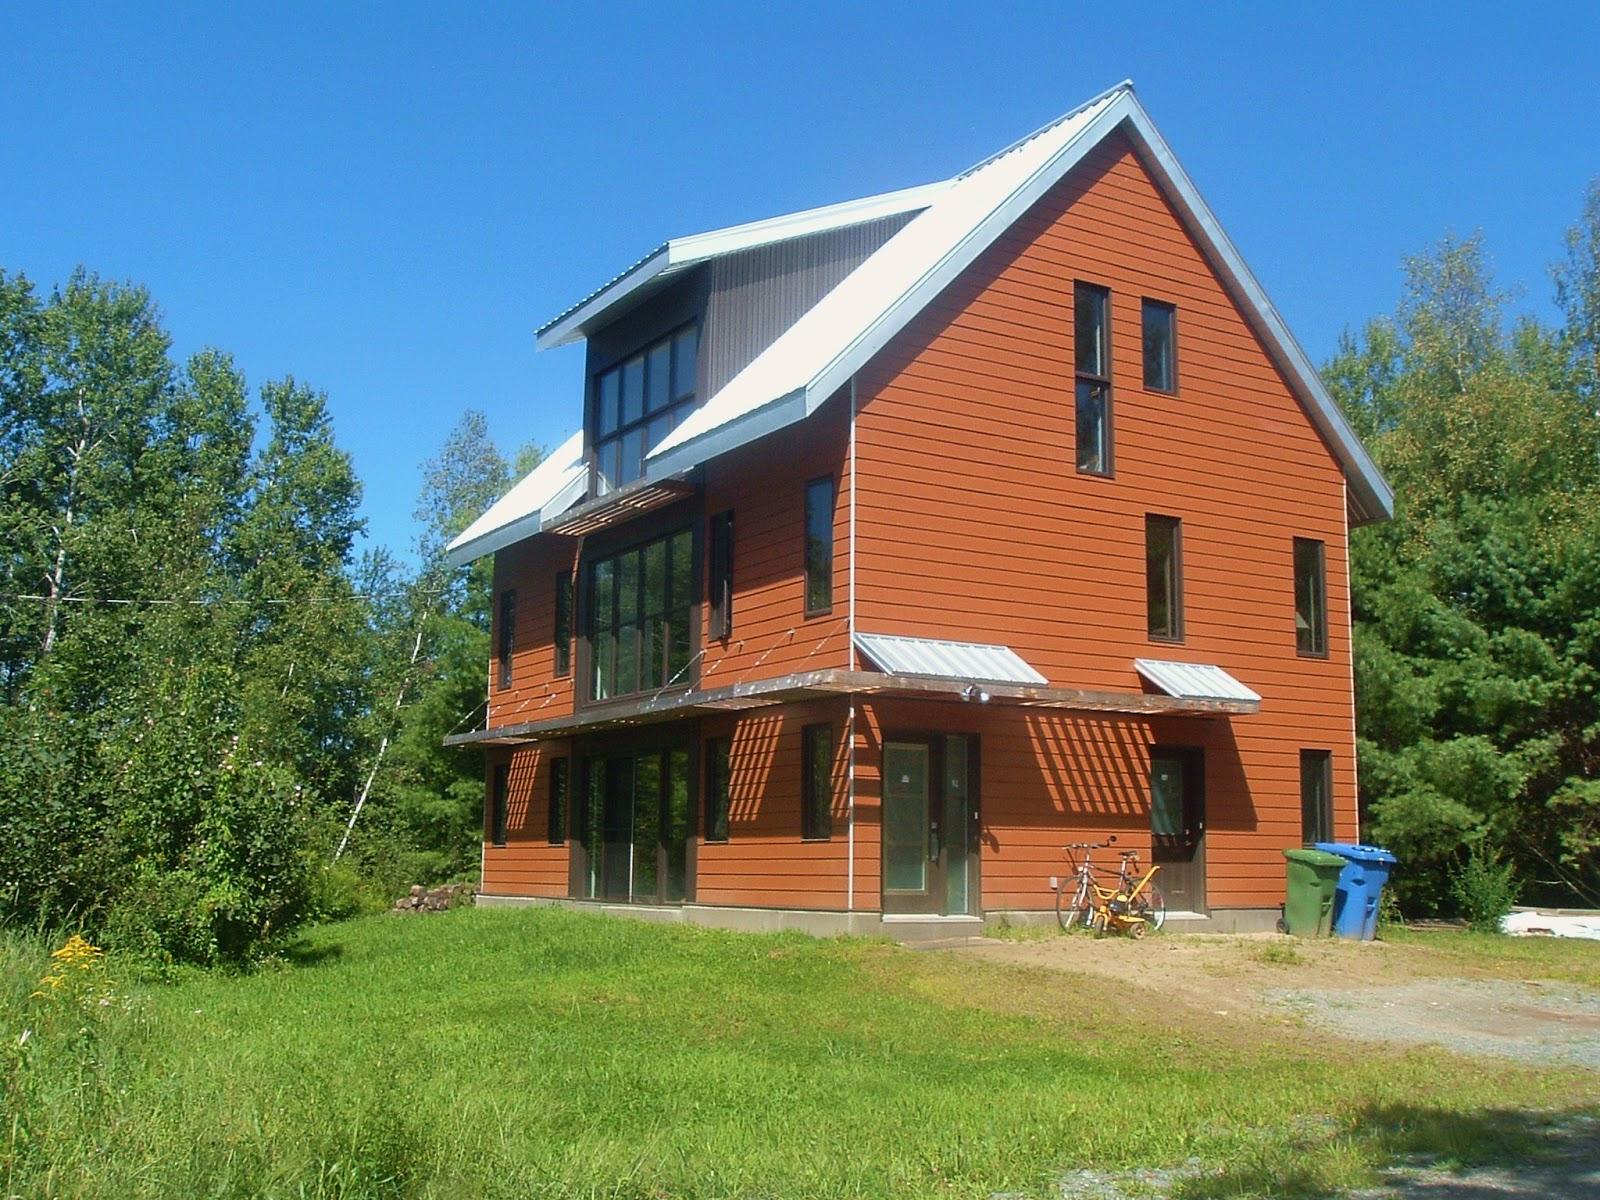 Cet été profitez de vos vacances en vous installant dans notre magnifique maison écologique à aire ouverte située à deux pas du parc nature de cowansville